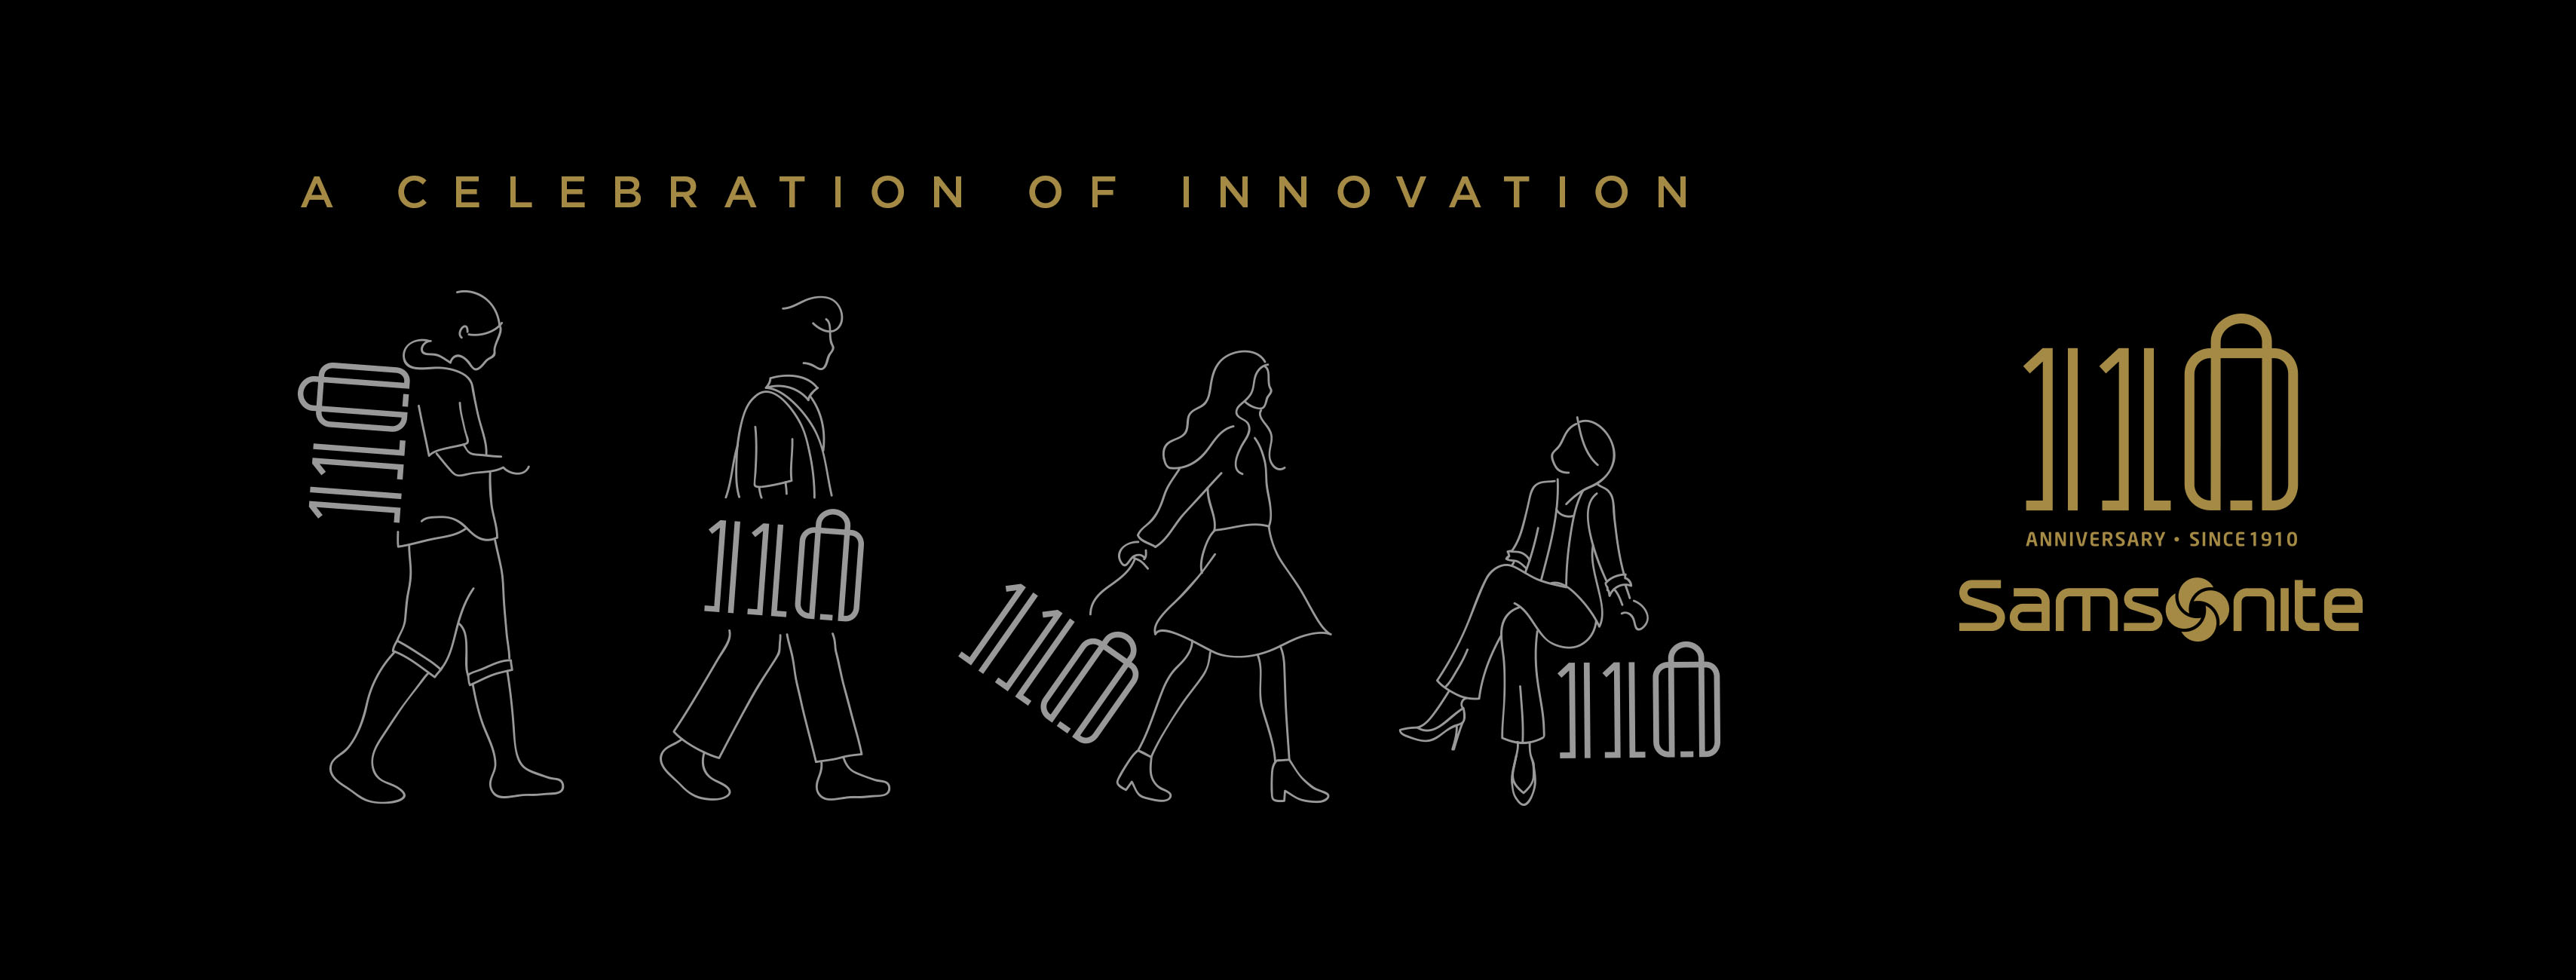 慶祝創立110周年,Samsonite發布全球策略「我們的責任旅程」